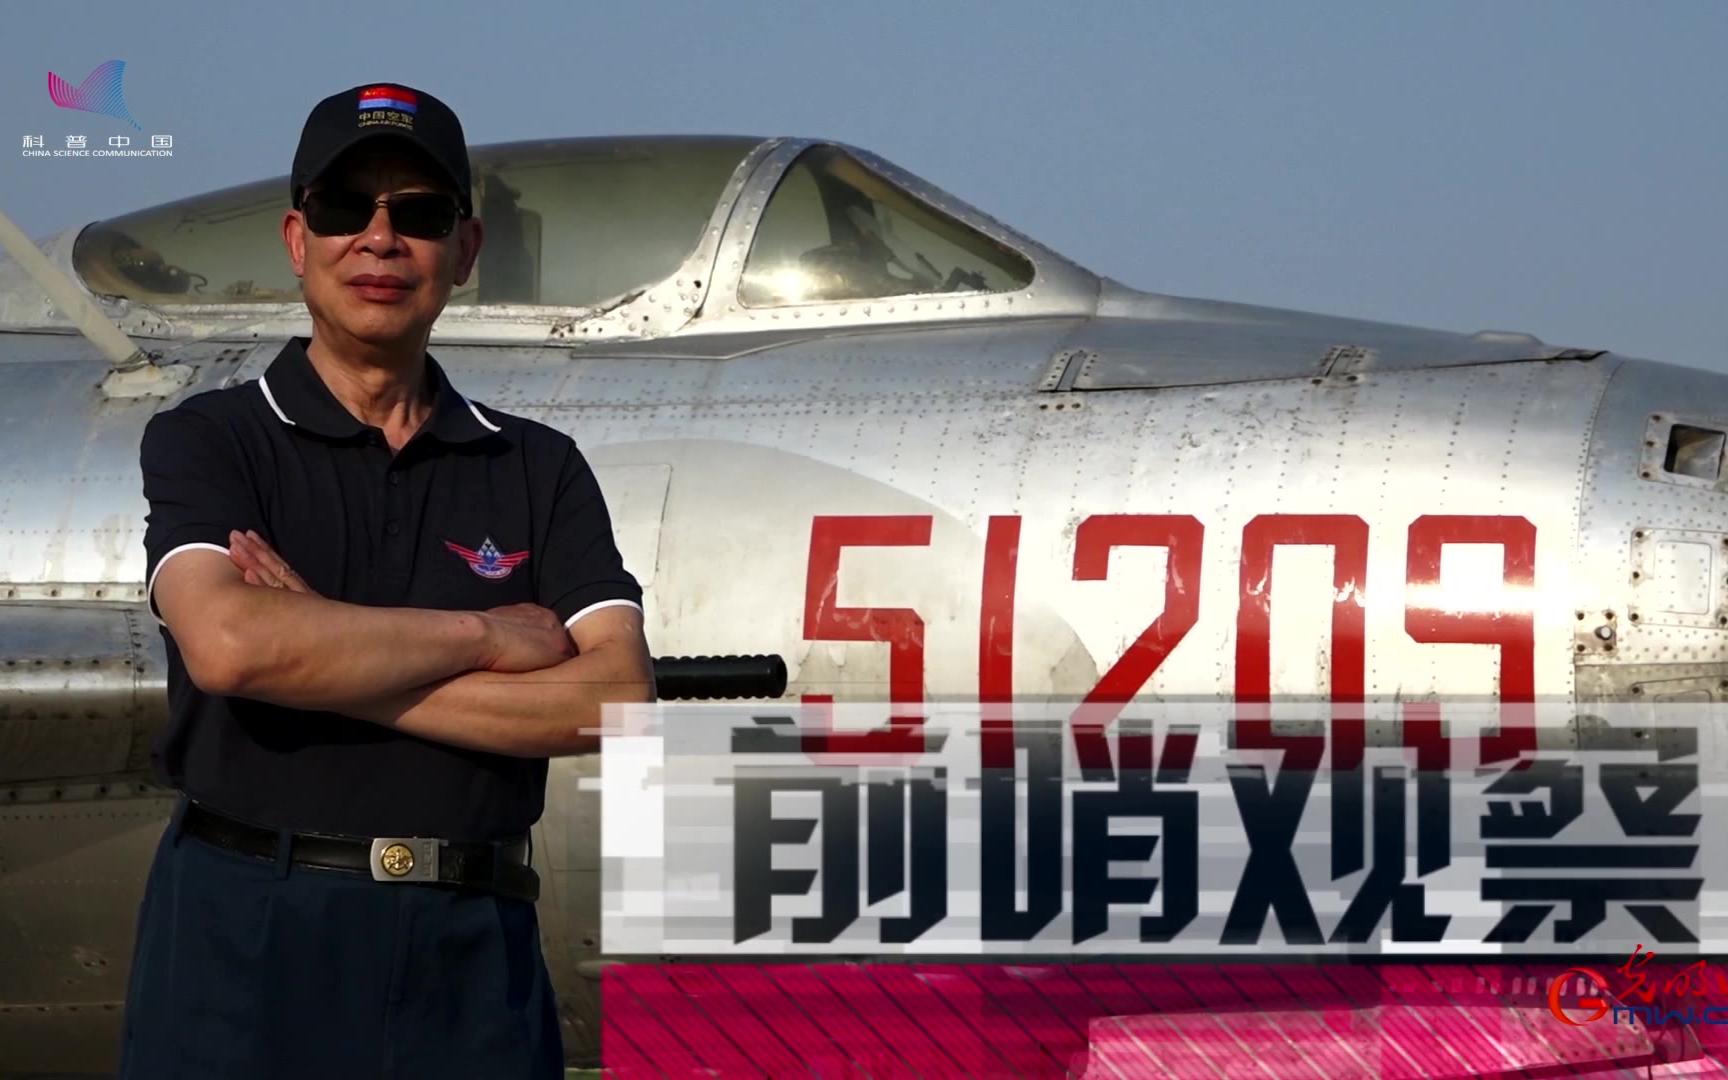 歼11翼身融合设计如何带来超强机动能力?